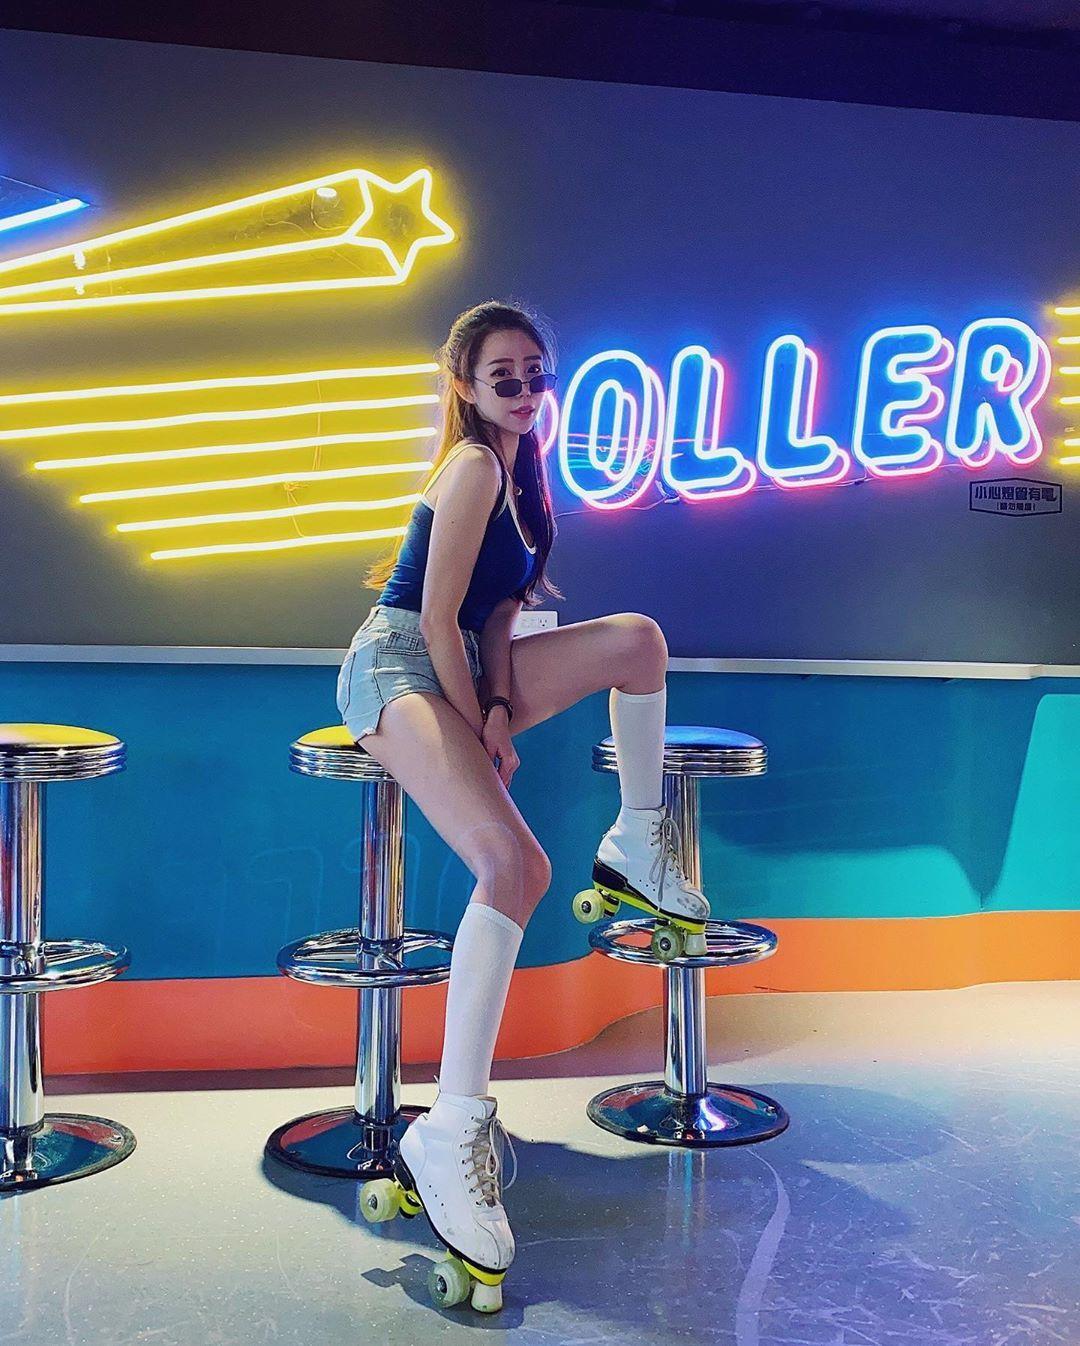 极品模特「翁妤菲Fifi」猖狂曲线性感展延,「水蛇、搭长腿」太躁动!-新图包